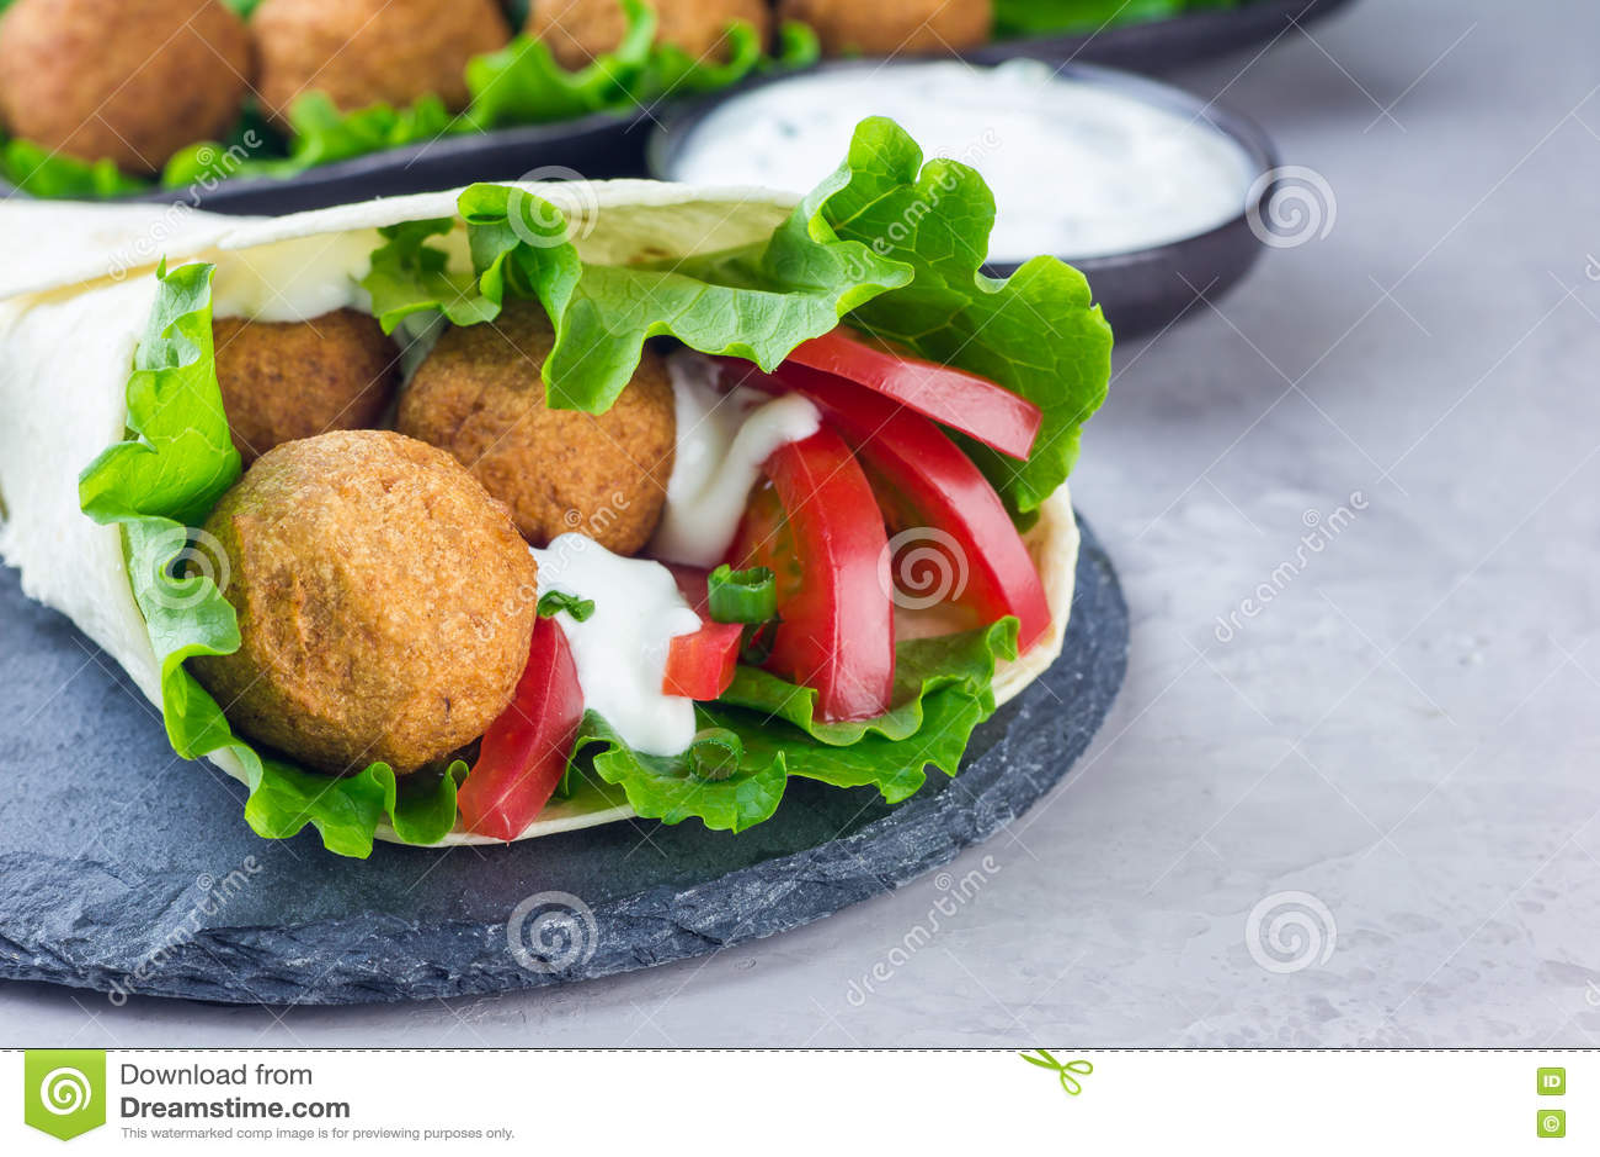 Palle del falafel del cece con le verdure e la salsa, preparazione del panino del rotolo